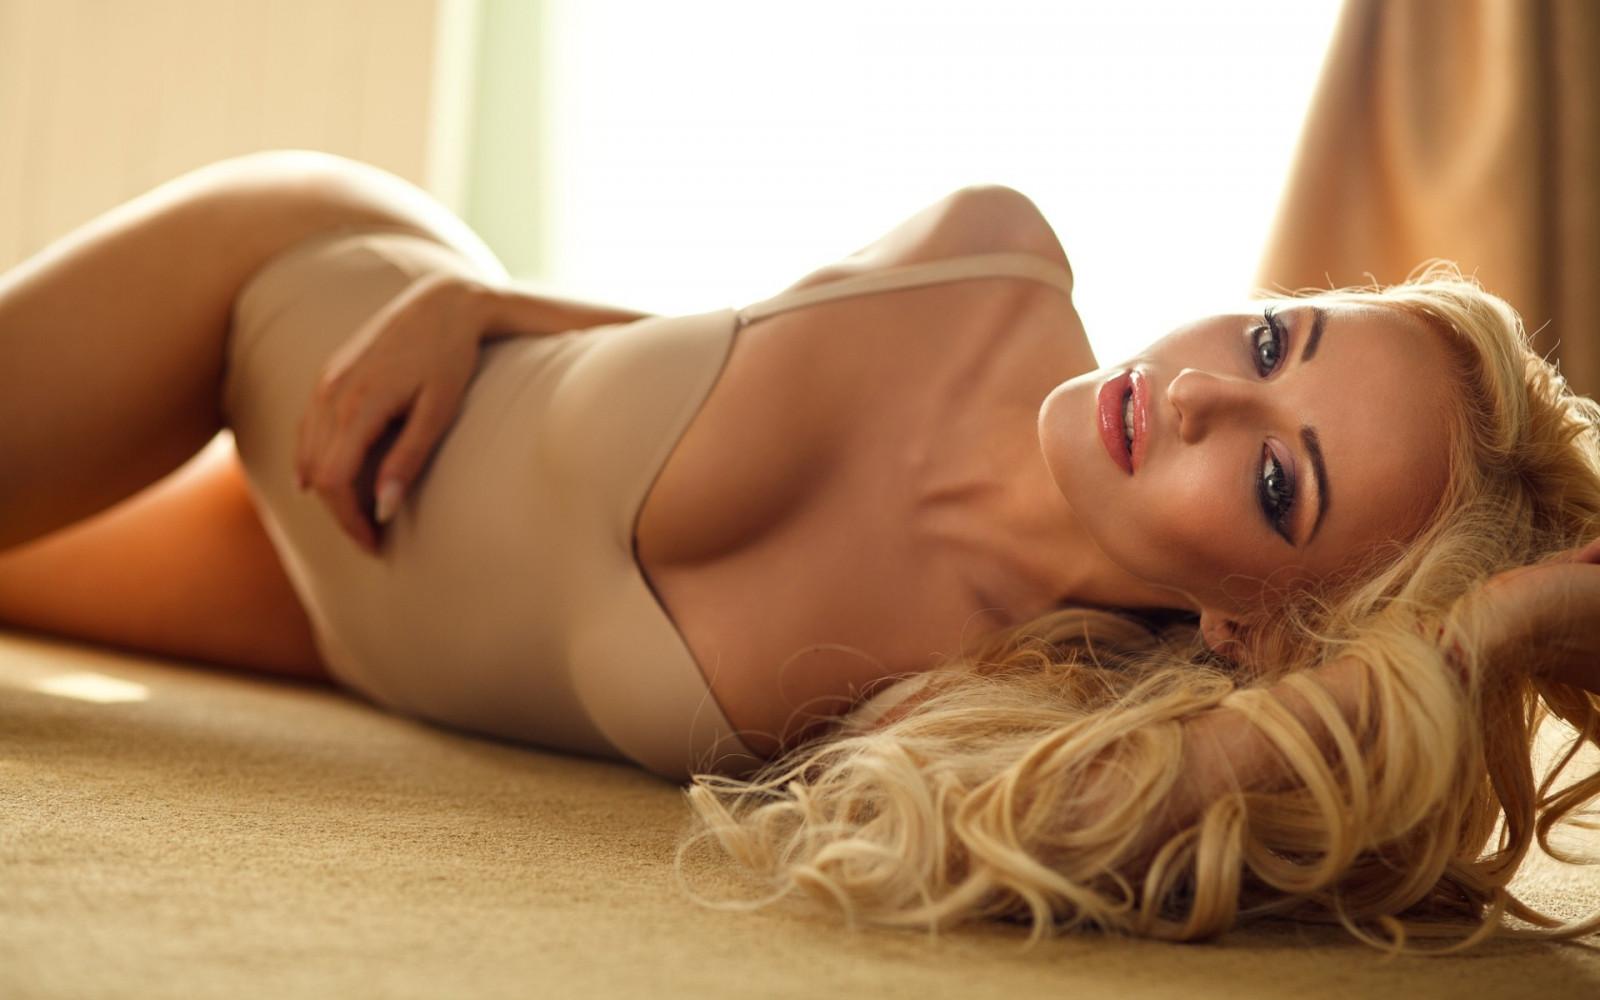 seksualnie-blondinki-smotret-foto